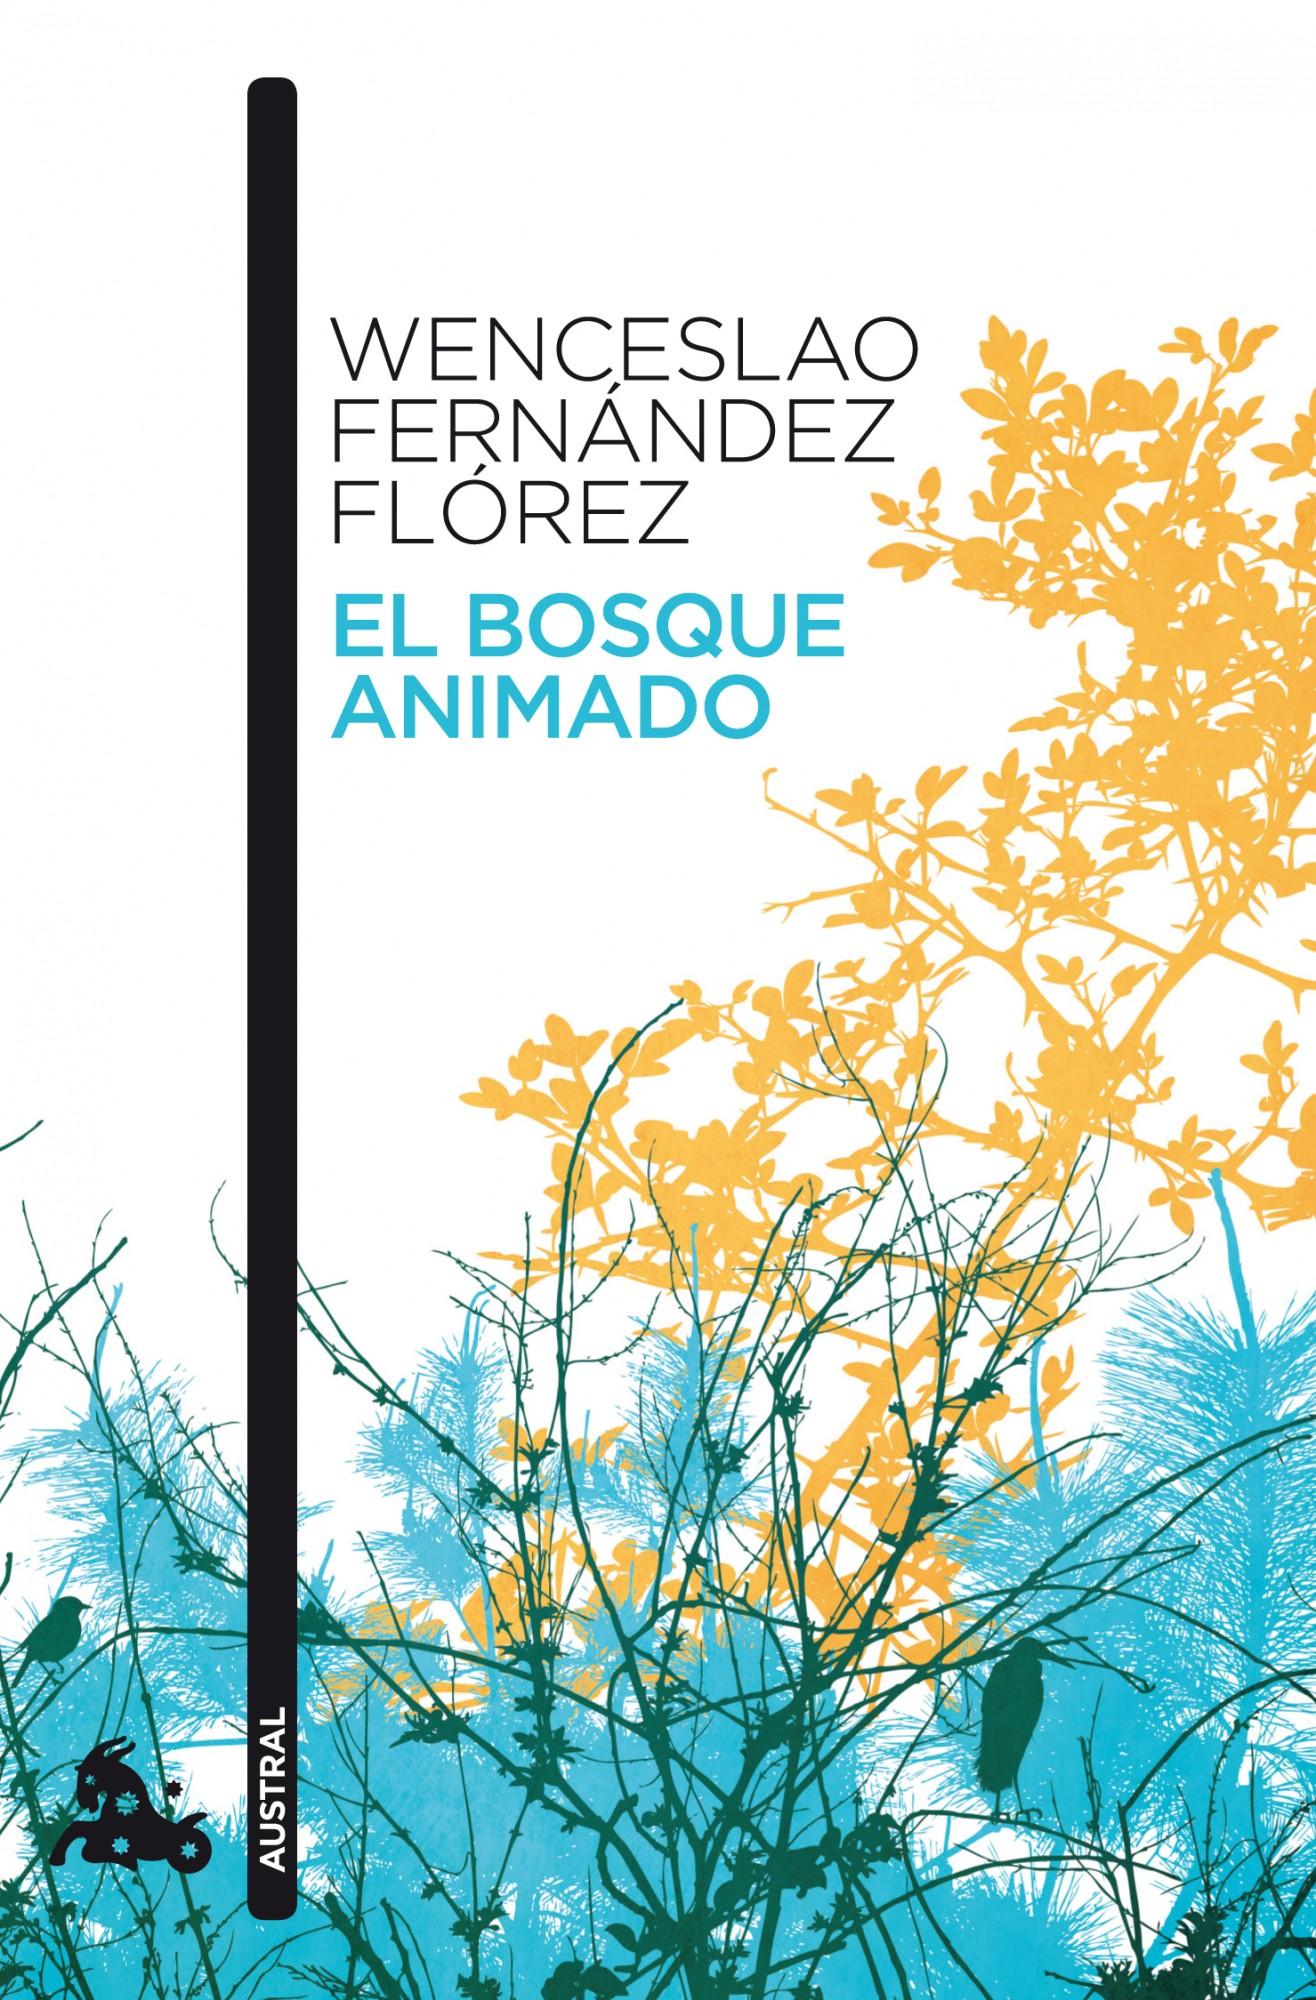 El bosque animado, Wenceslao Fernández Florez. Libros llevados al cine